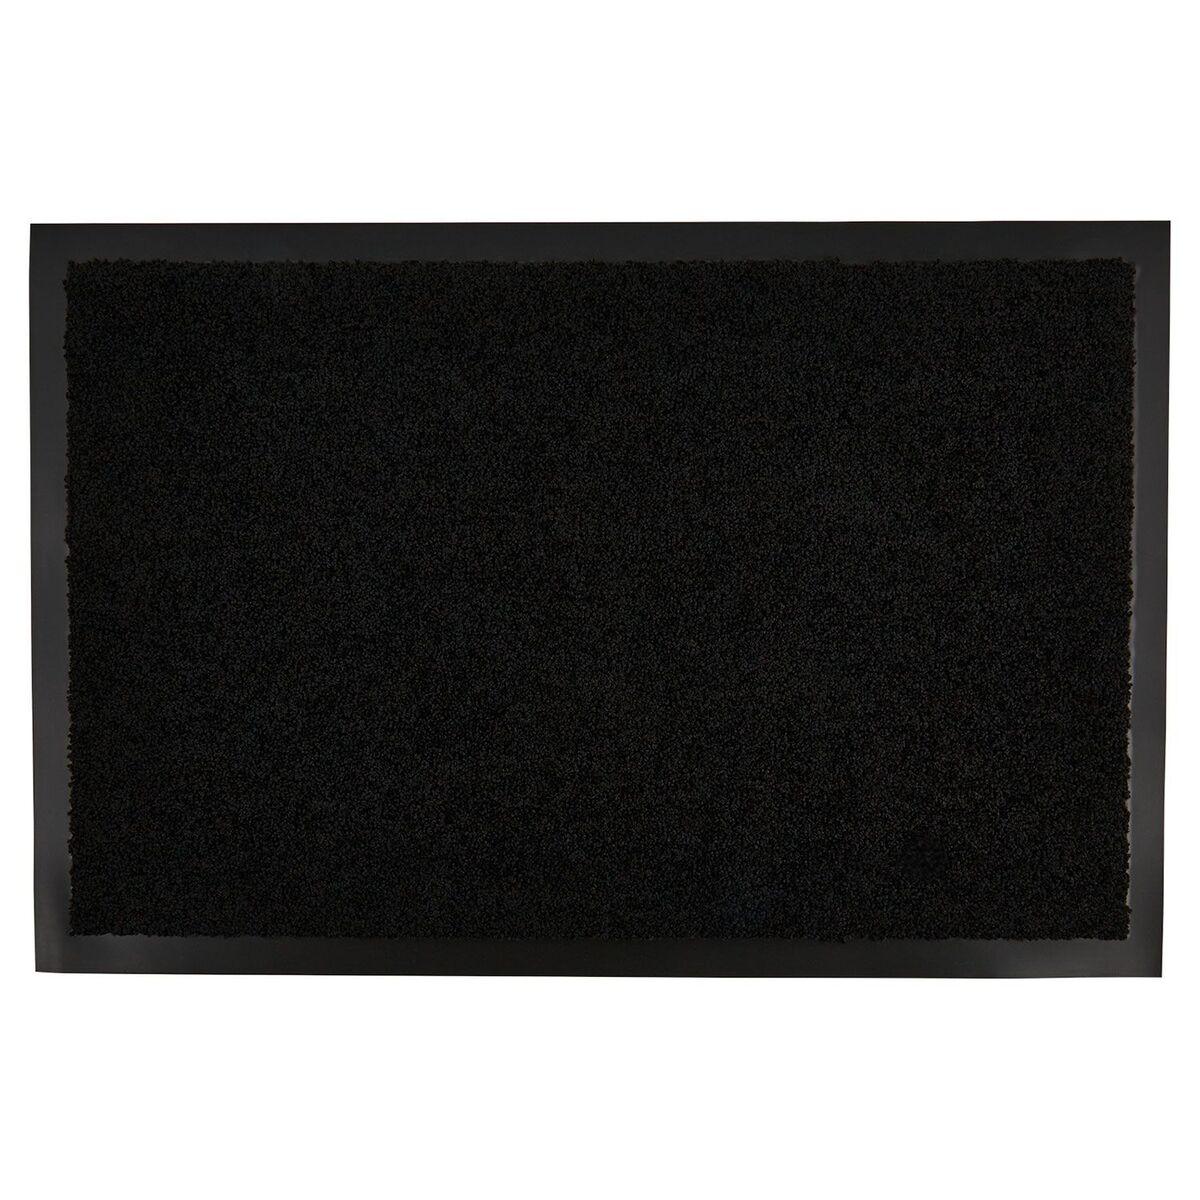 Bild 4 von TUKAN Schmutzfangmatte, 70 x 120 cm